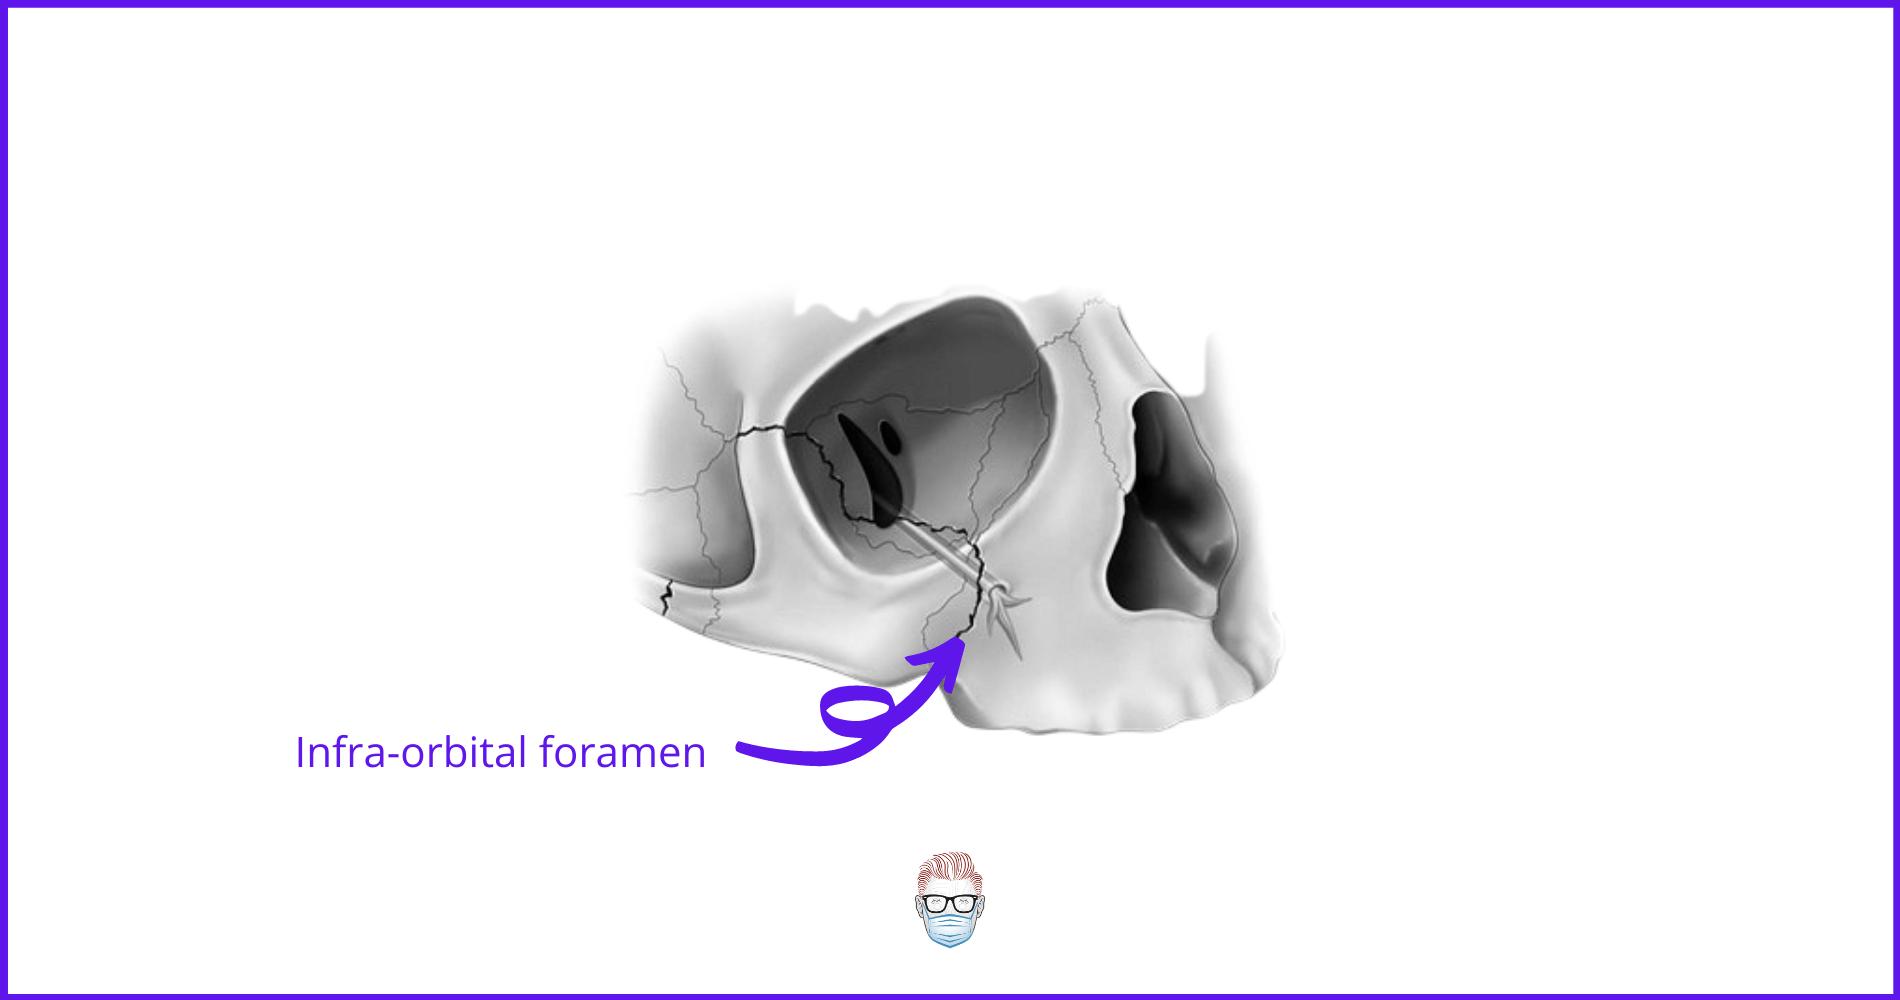 infraorbital nerve, foramen, zygoma, facial fractures, ZMC fractures